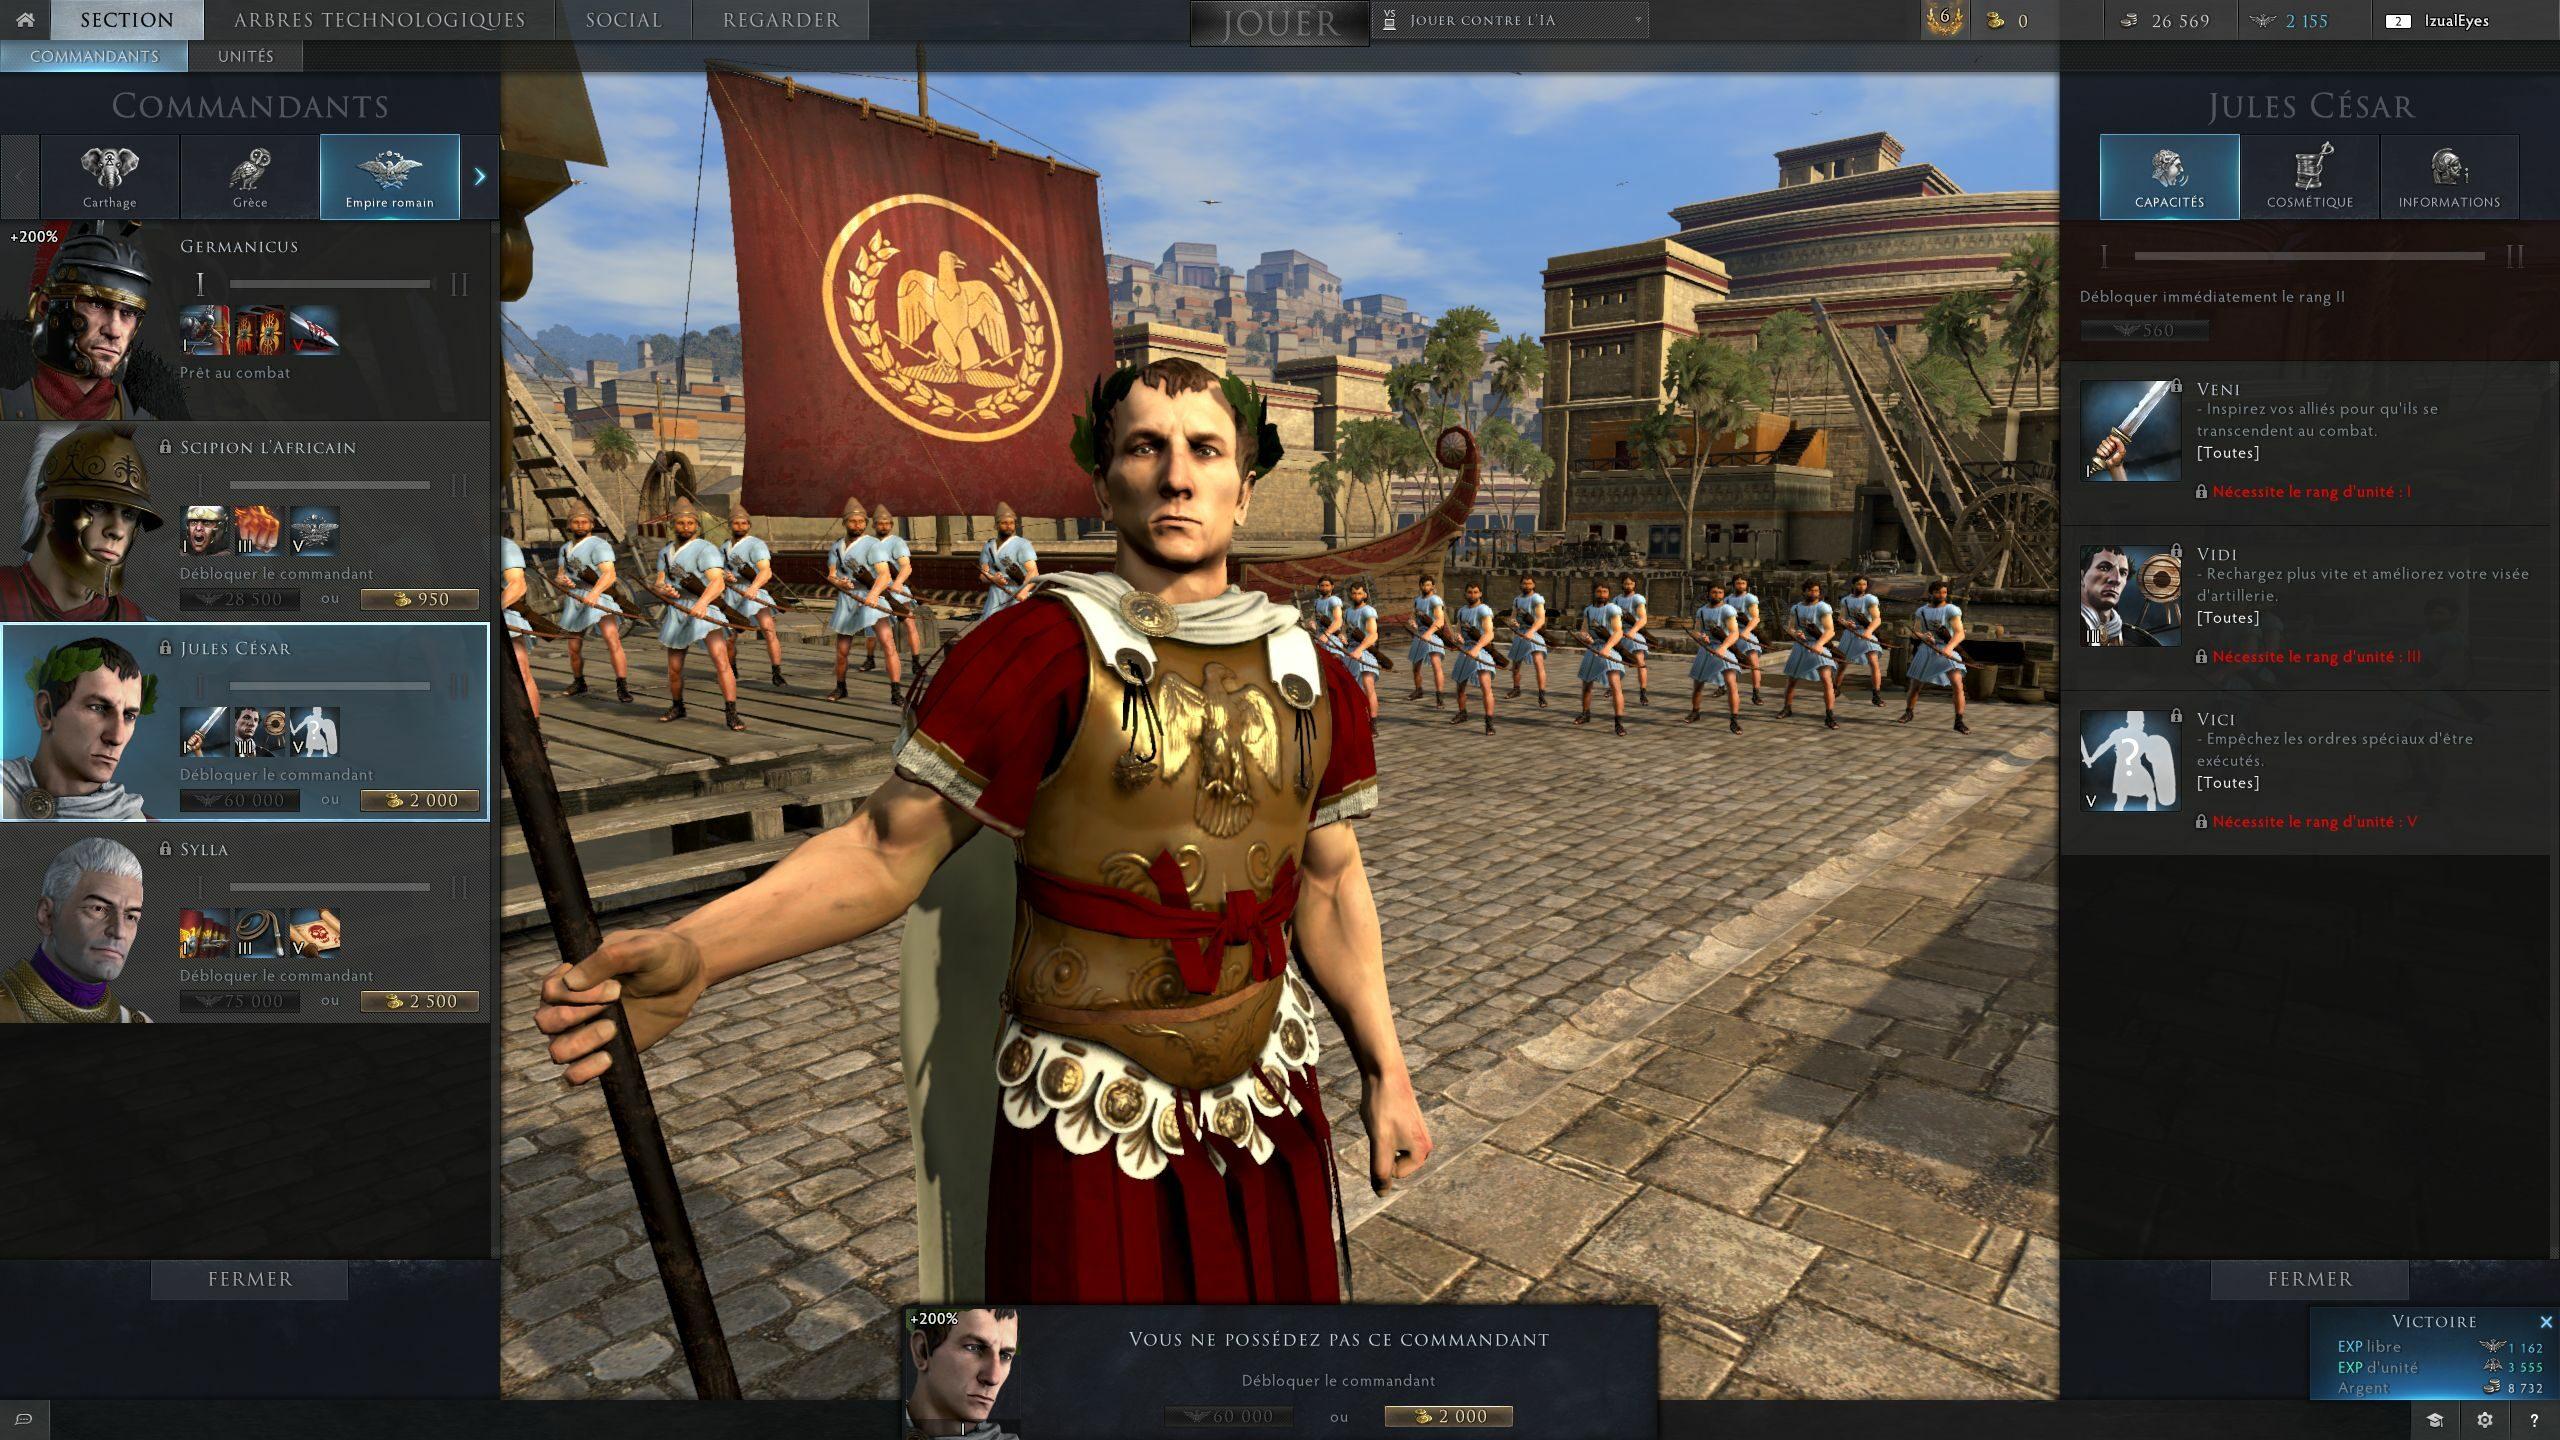 Malheureusement pour Jules César, la chirurgie esthétique n'en était qu'à ses balbutiements pendant l'Antiquité.